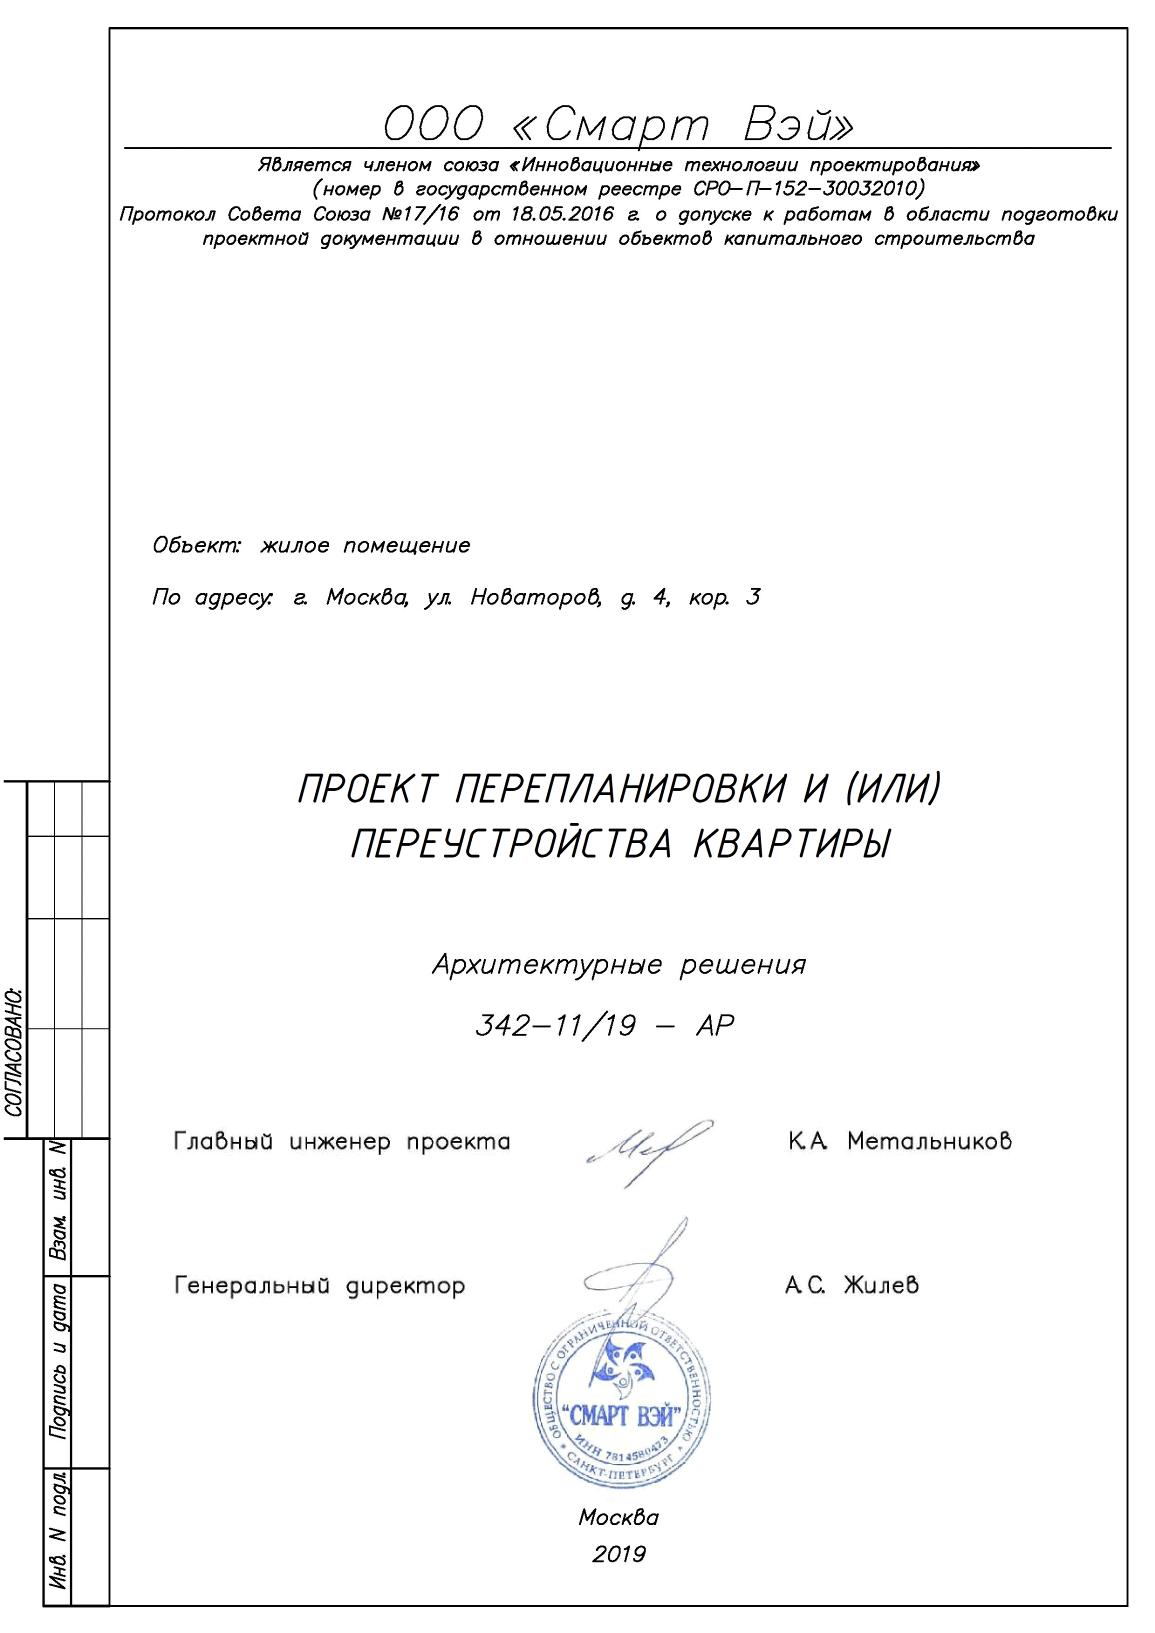 Образец проекта перепланировки